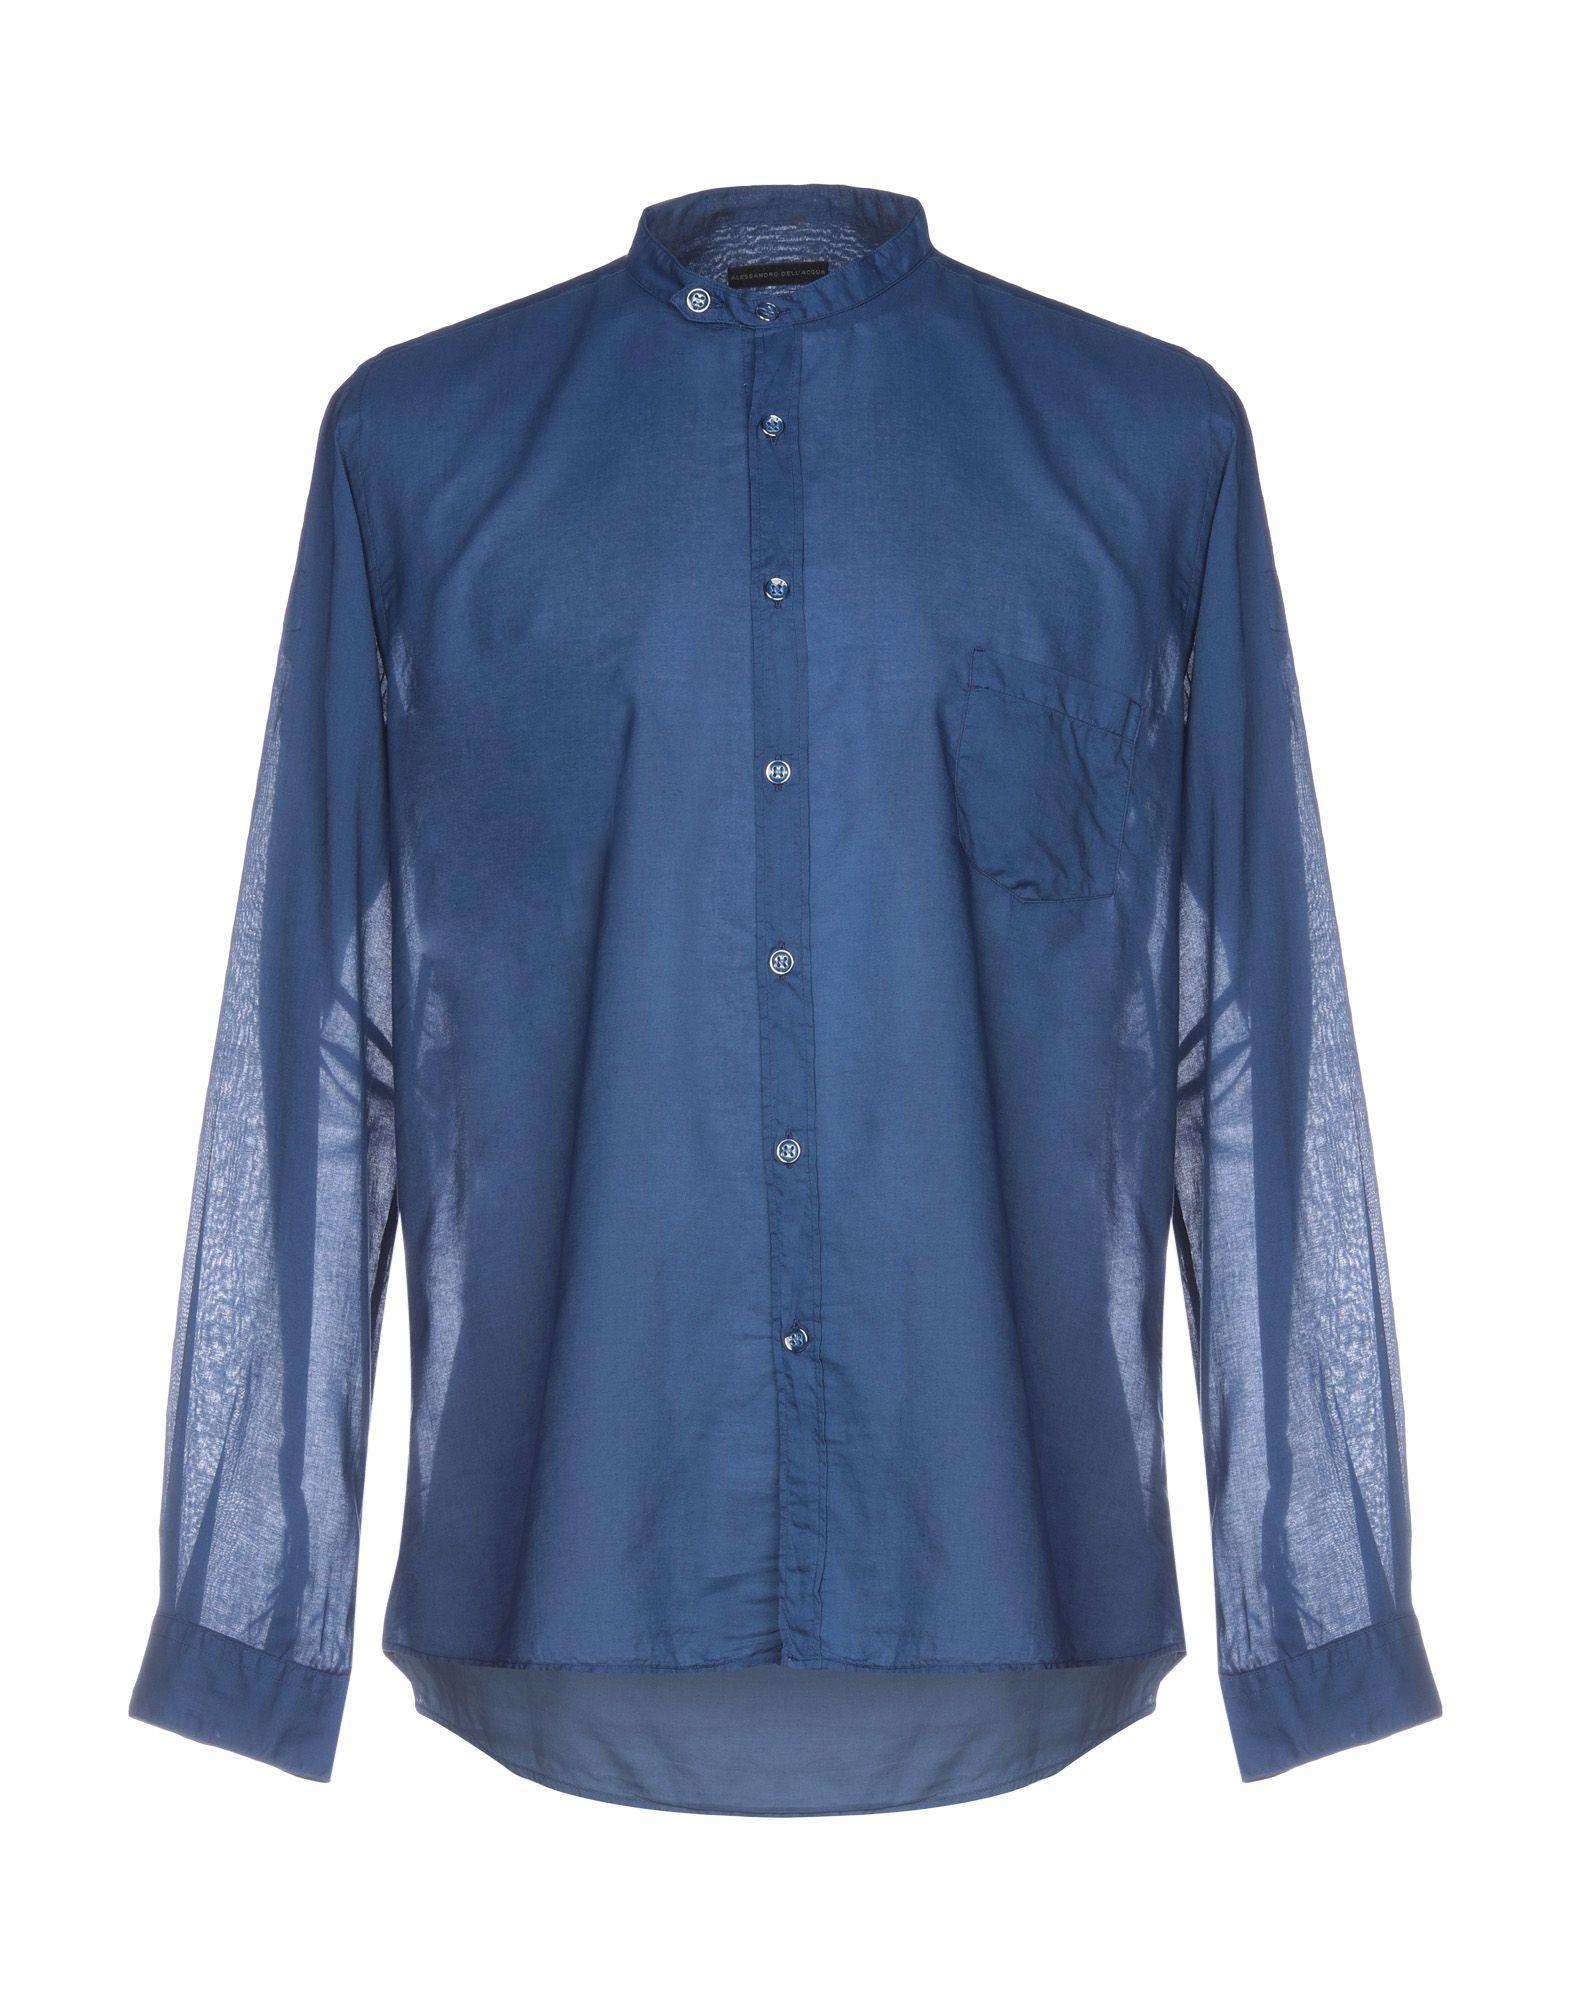 《送料無料》ALESSANDRO DELL'ACQUA メンズ シャツ ブルー 43 コットン 100%